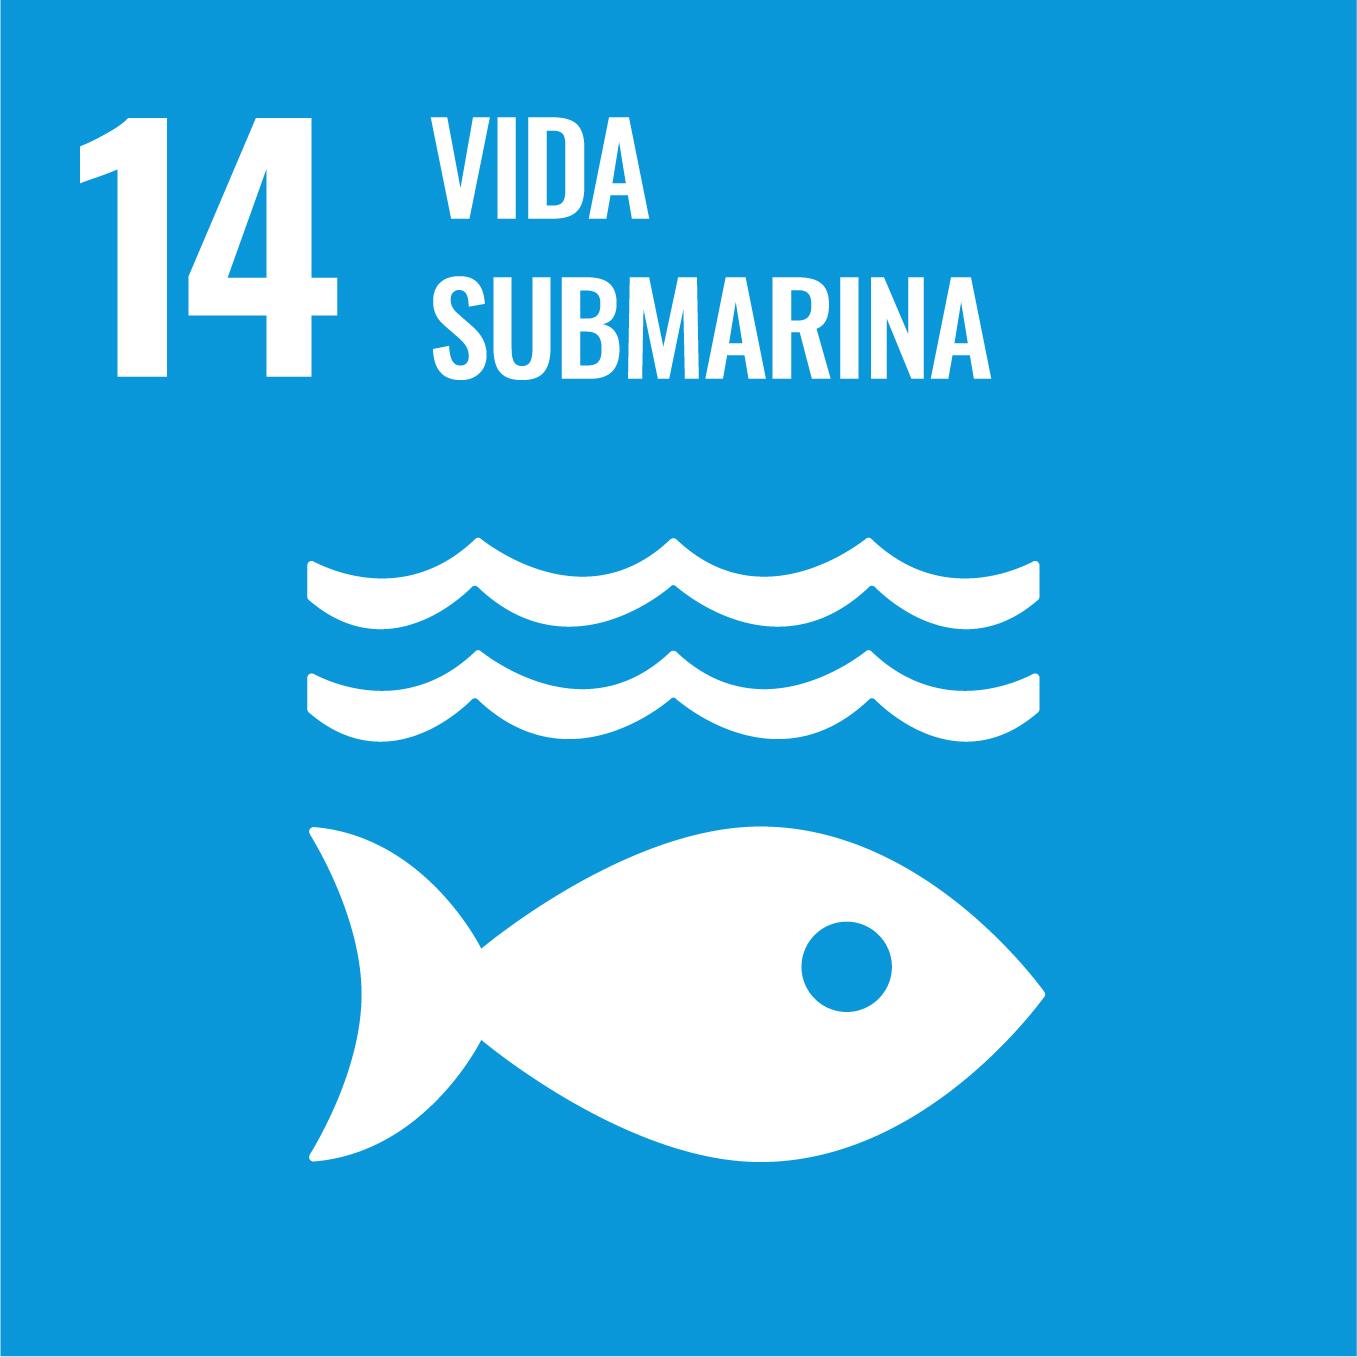 Vida Submarina - Objectiu 14